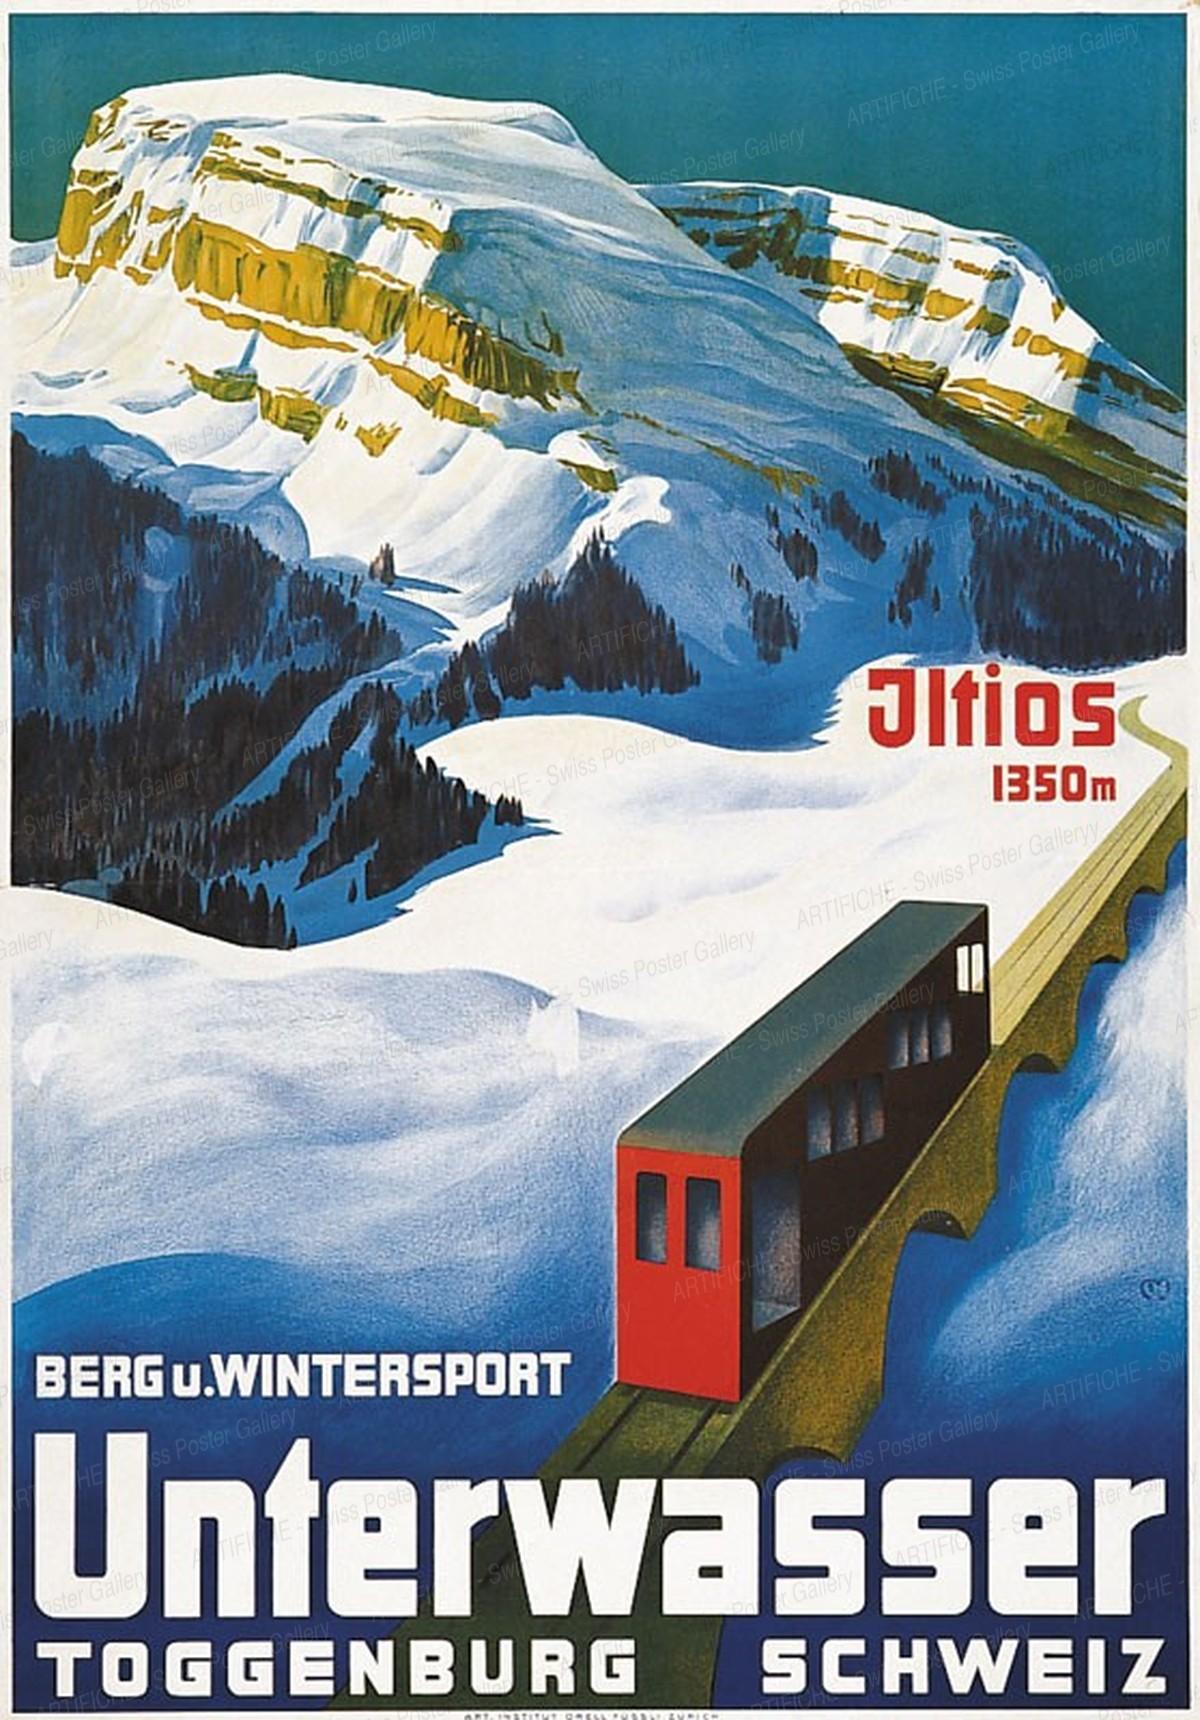 Unterwasser – Berg u. Wintersport – Toggenburg – Schweiz, Carl Franz Moos